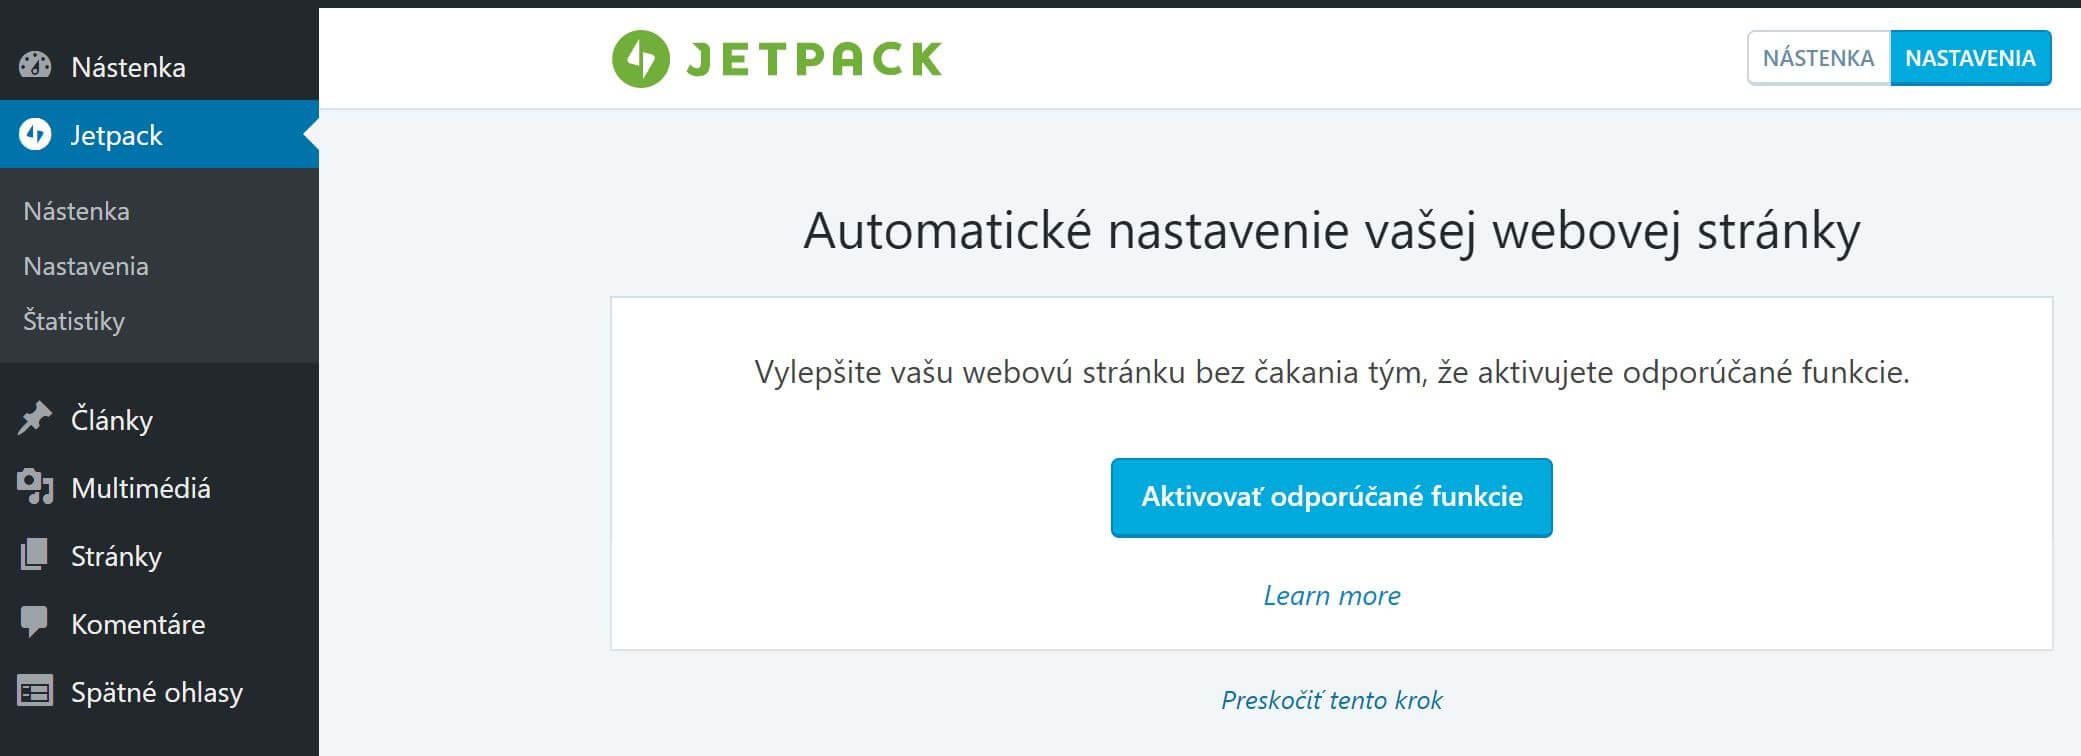 jetpack aktivovat funkcie